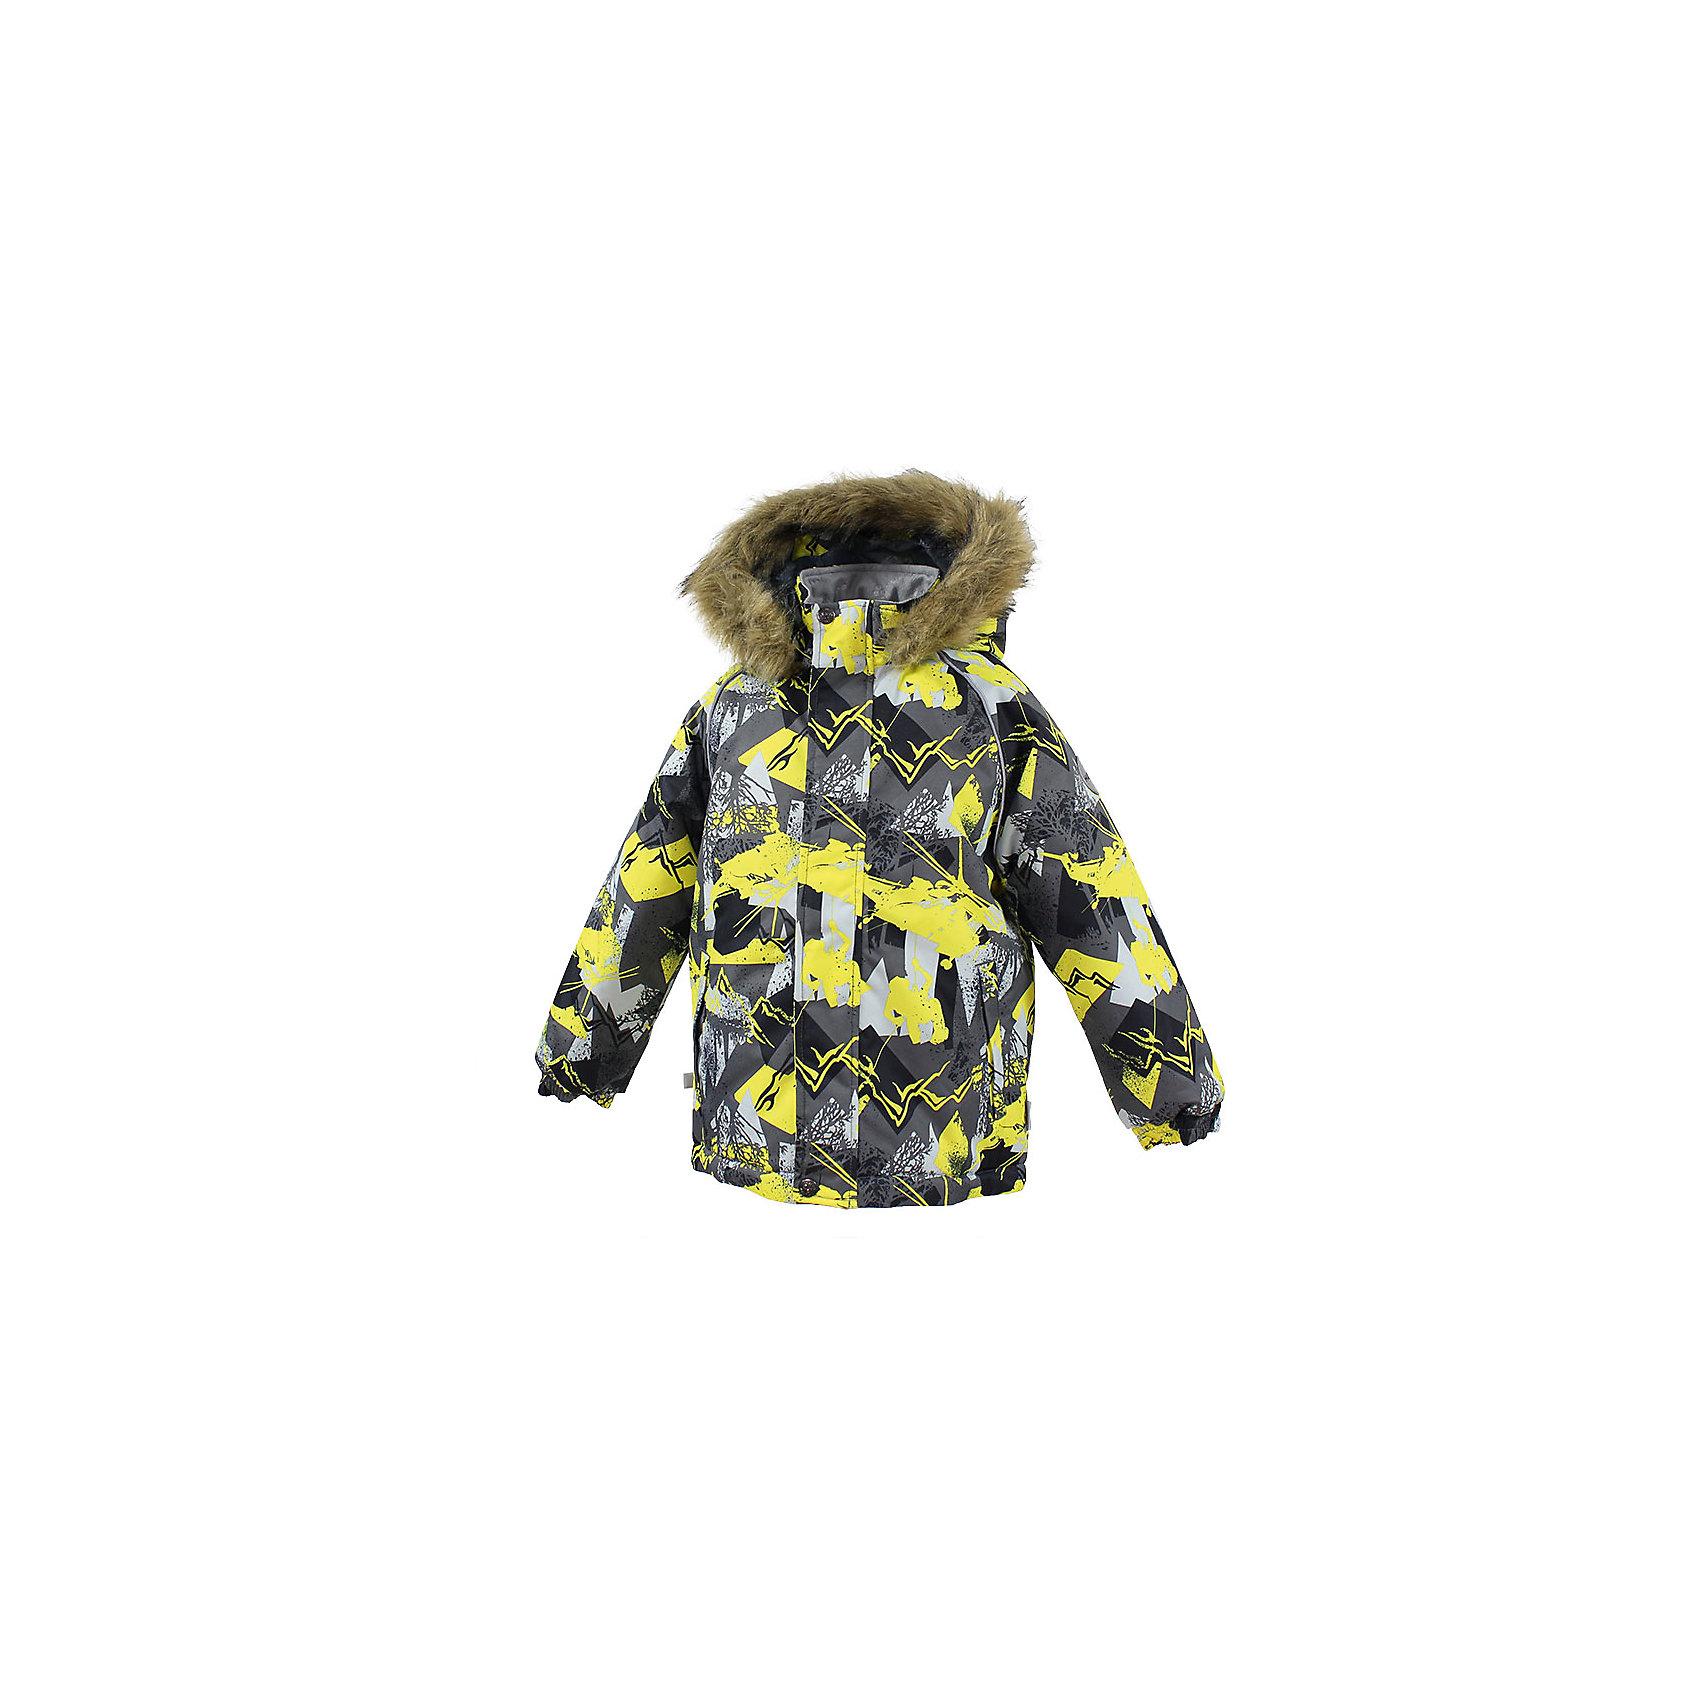 Куртка MARINEL HuppaВерхняя одежда<br>Куртка для детей MARINEL.Водо и воздухонепроницаемость 10 000. Утеплитель 300 гр. Подкладка тафта, флис 100% полиэстер. Отстегивающийся капюшон с мехом. Манжеты рукавов на резинке. Имеются светоотражательные детали.<br>Состав:<br>100% Полиэстер<br><br>Ширина мм: 356<br>Глубина мм: 10<br>Высота мм: 245<br>Вес г: 519<br>Цвет: серый<br>Возраст от месяцев: 48<br>Возраст до месяцев: 60<br>Пол: Унисекс<br>Возраст: Детский<br>Размер: 110,140,134,128,122,116<br>SKU: 7027379